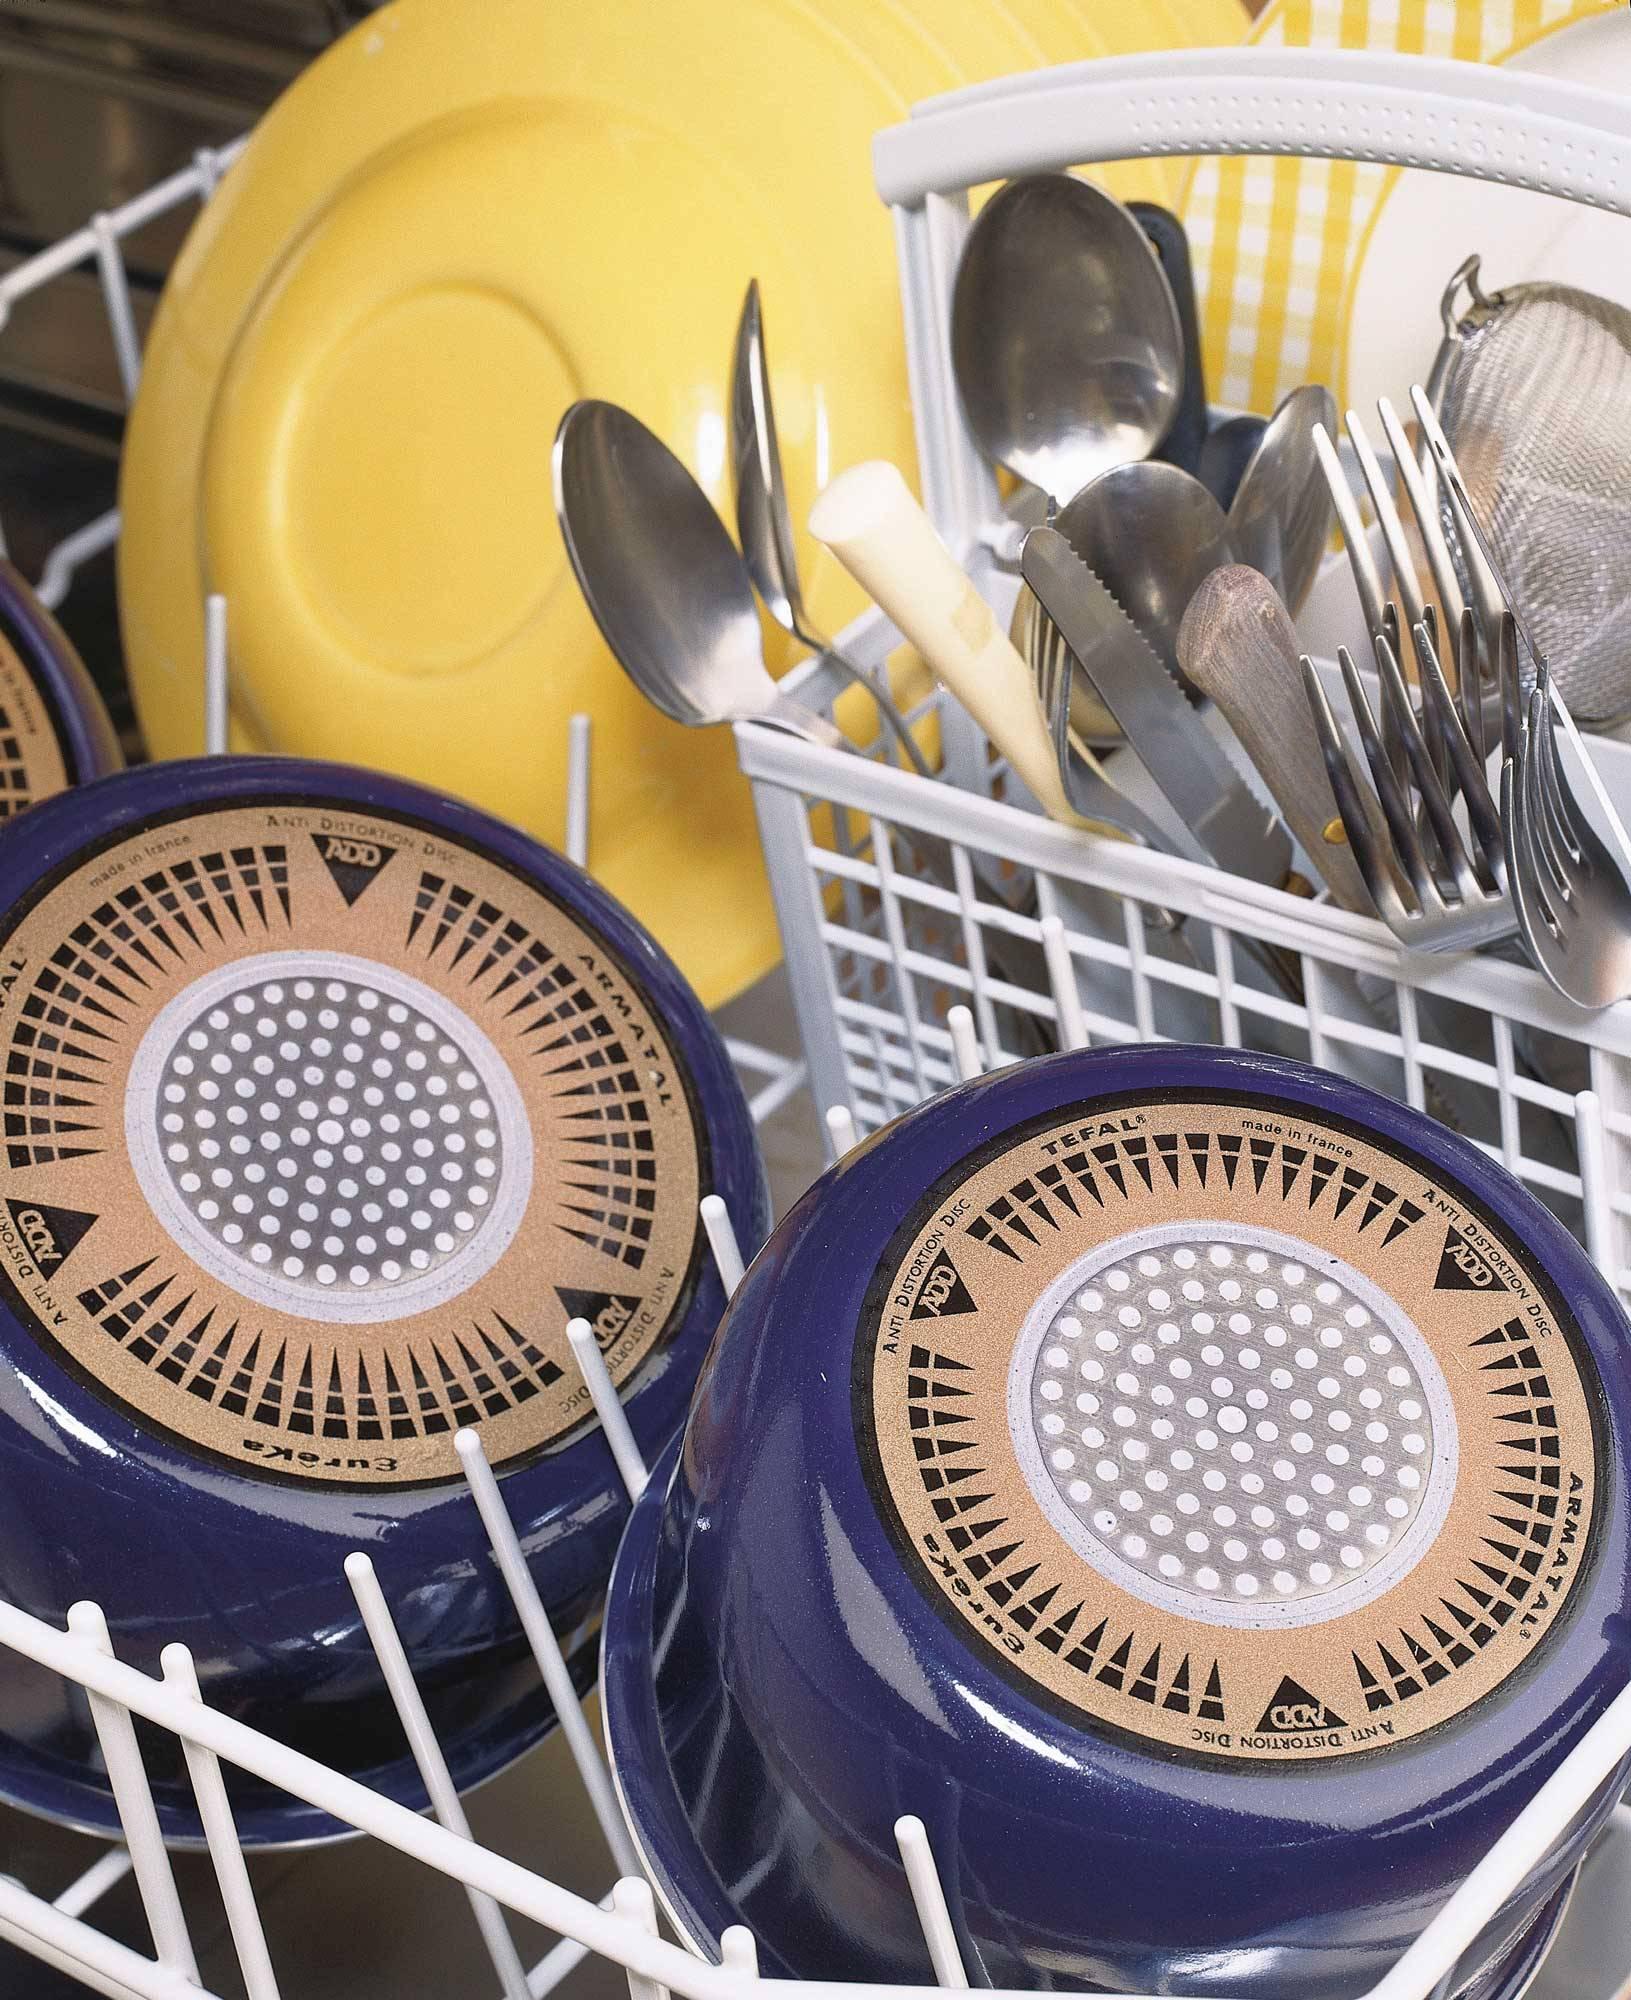 detalle-interior-lavavajillas-con-cacerolas-y-platos-00234461 O. Hay mucha espuma en la cubeta